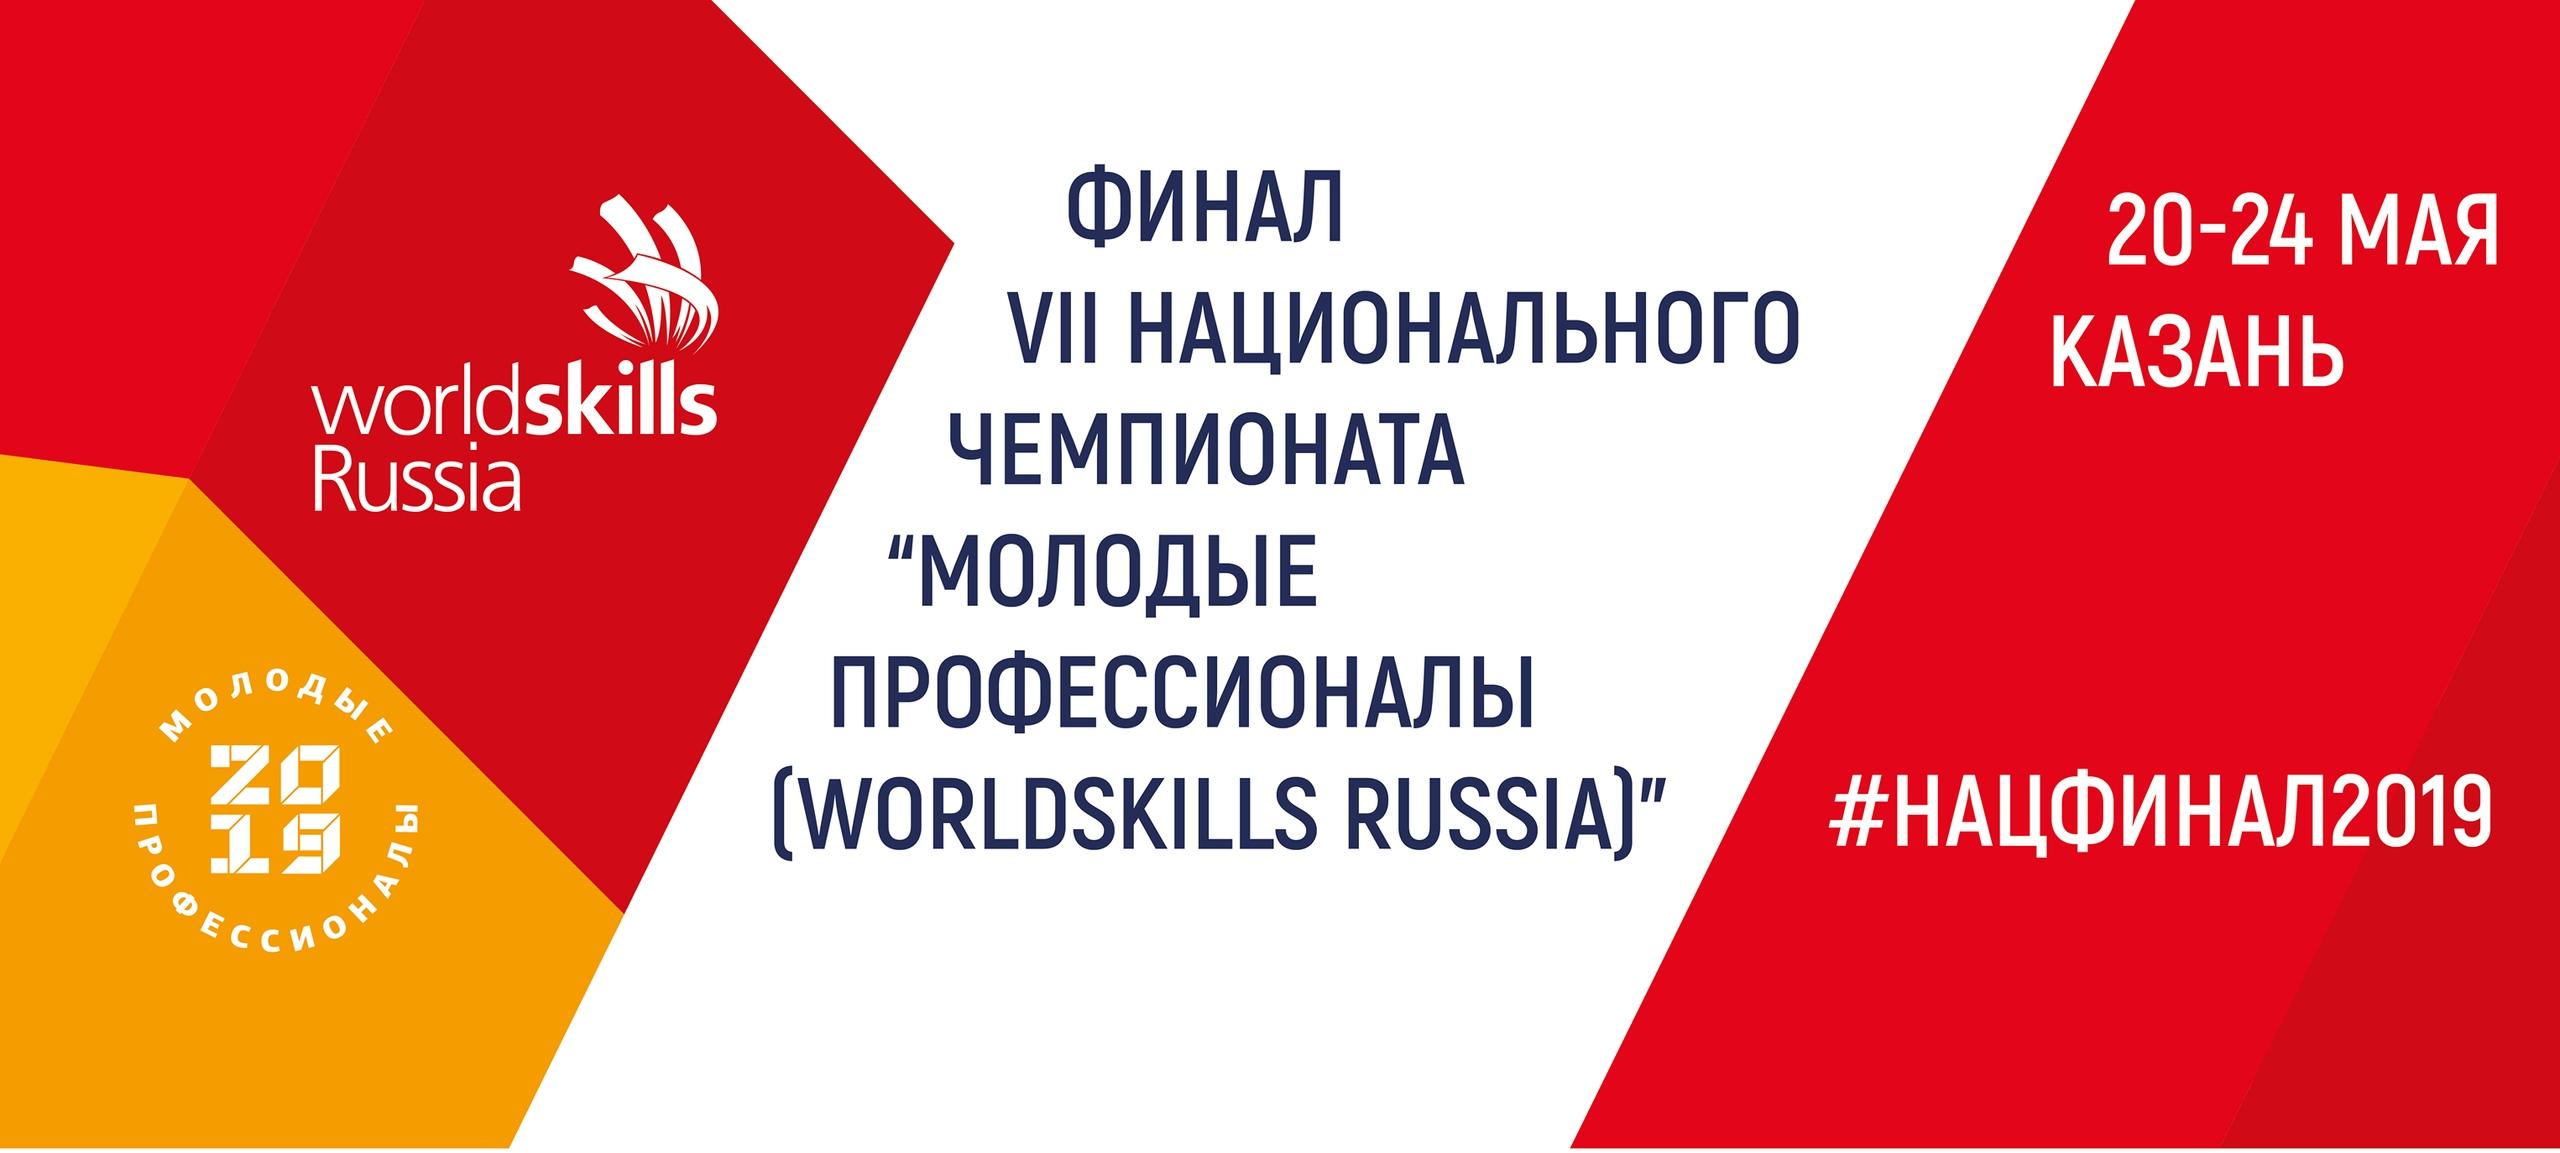 В Казани стартовал финал VII Национального Чемпионата «Молодые Профессионалы» (Worldskills Russia)